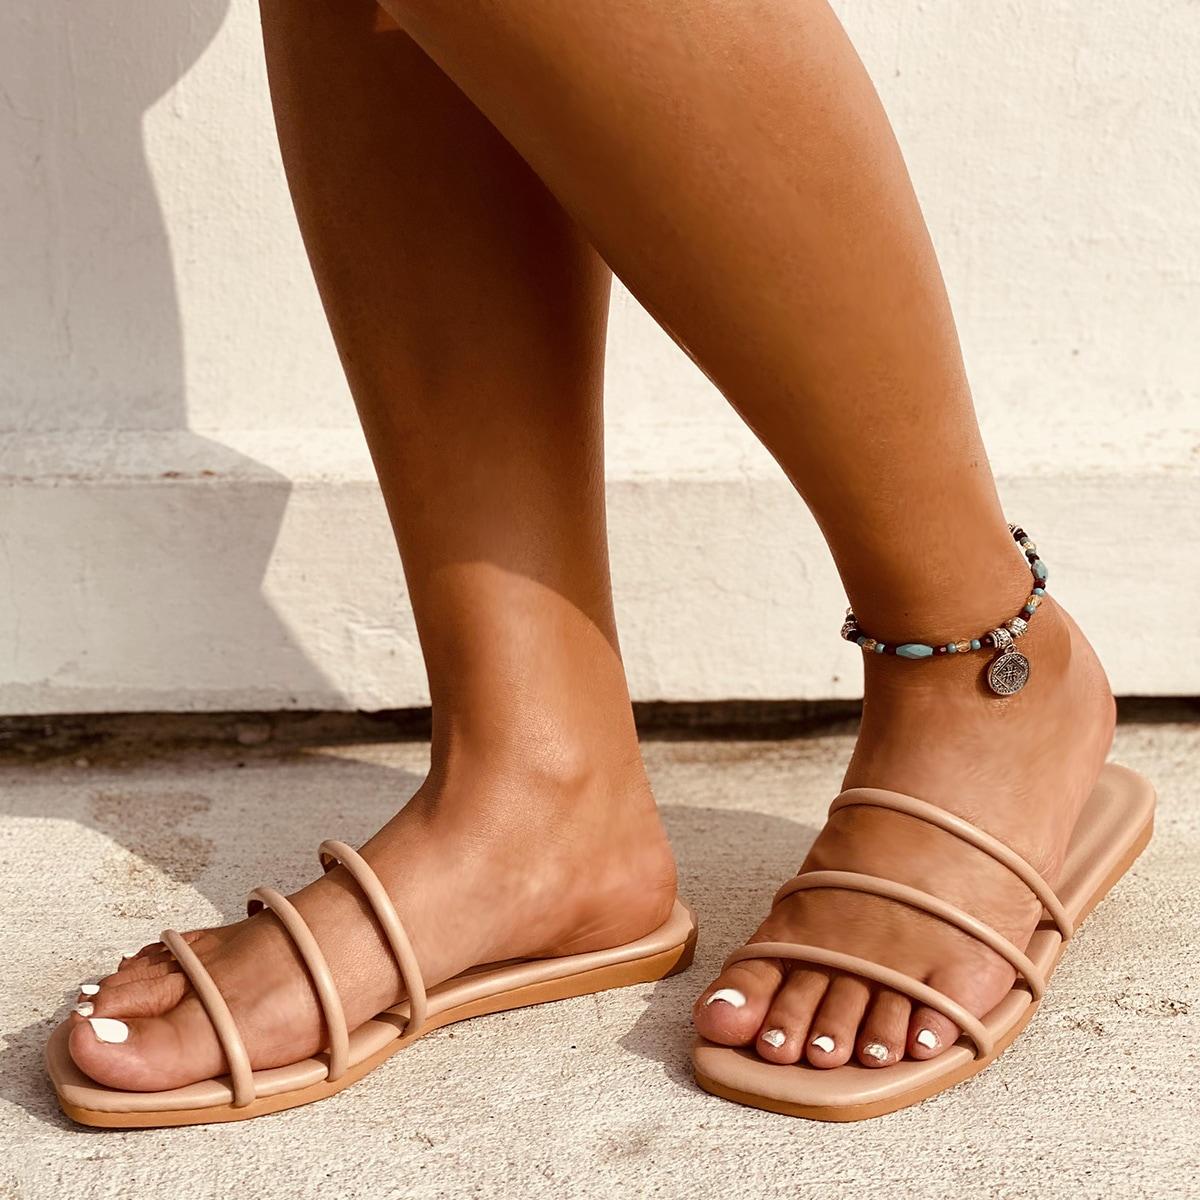 SHEIN / Minimalist Strappy Slide Sandals